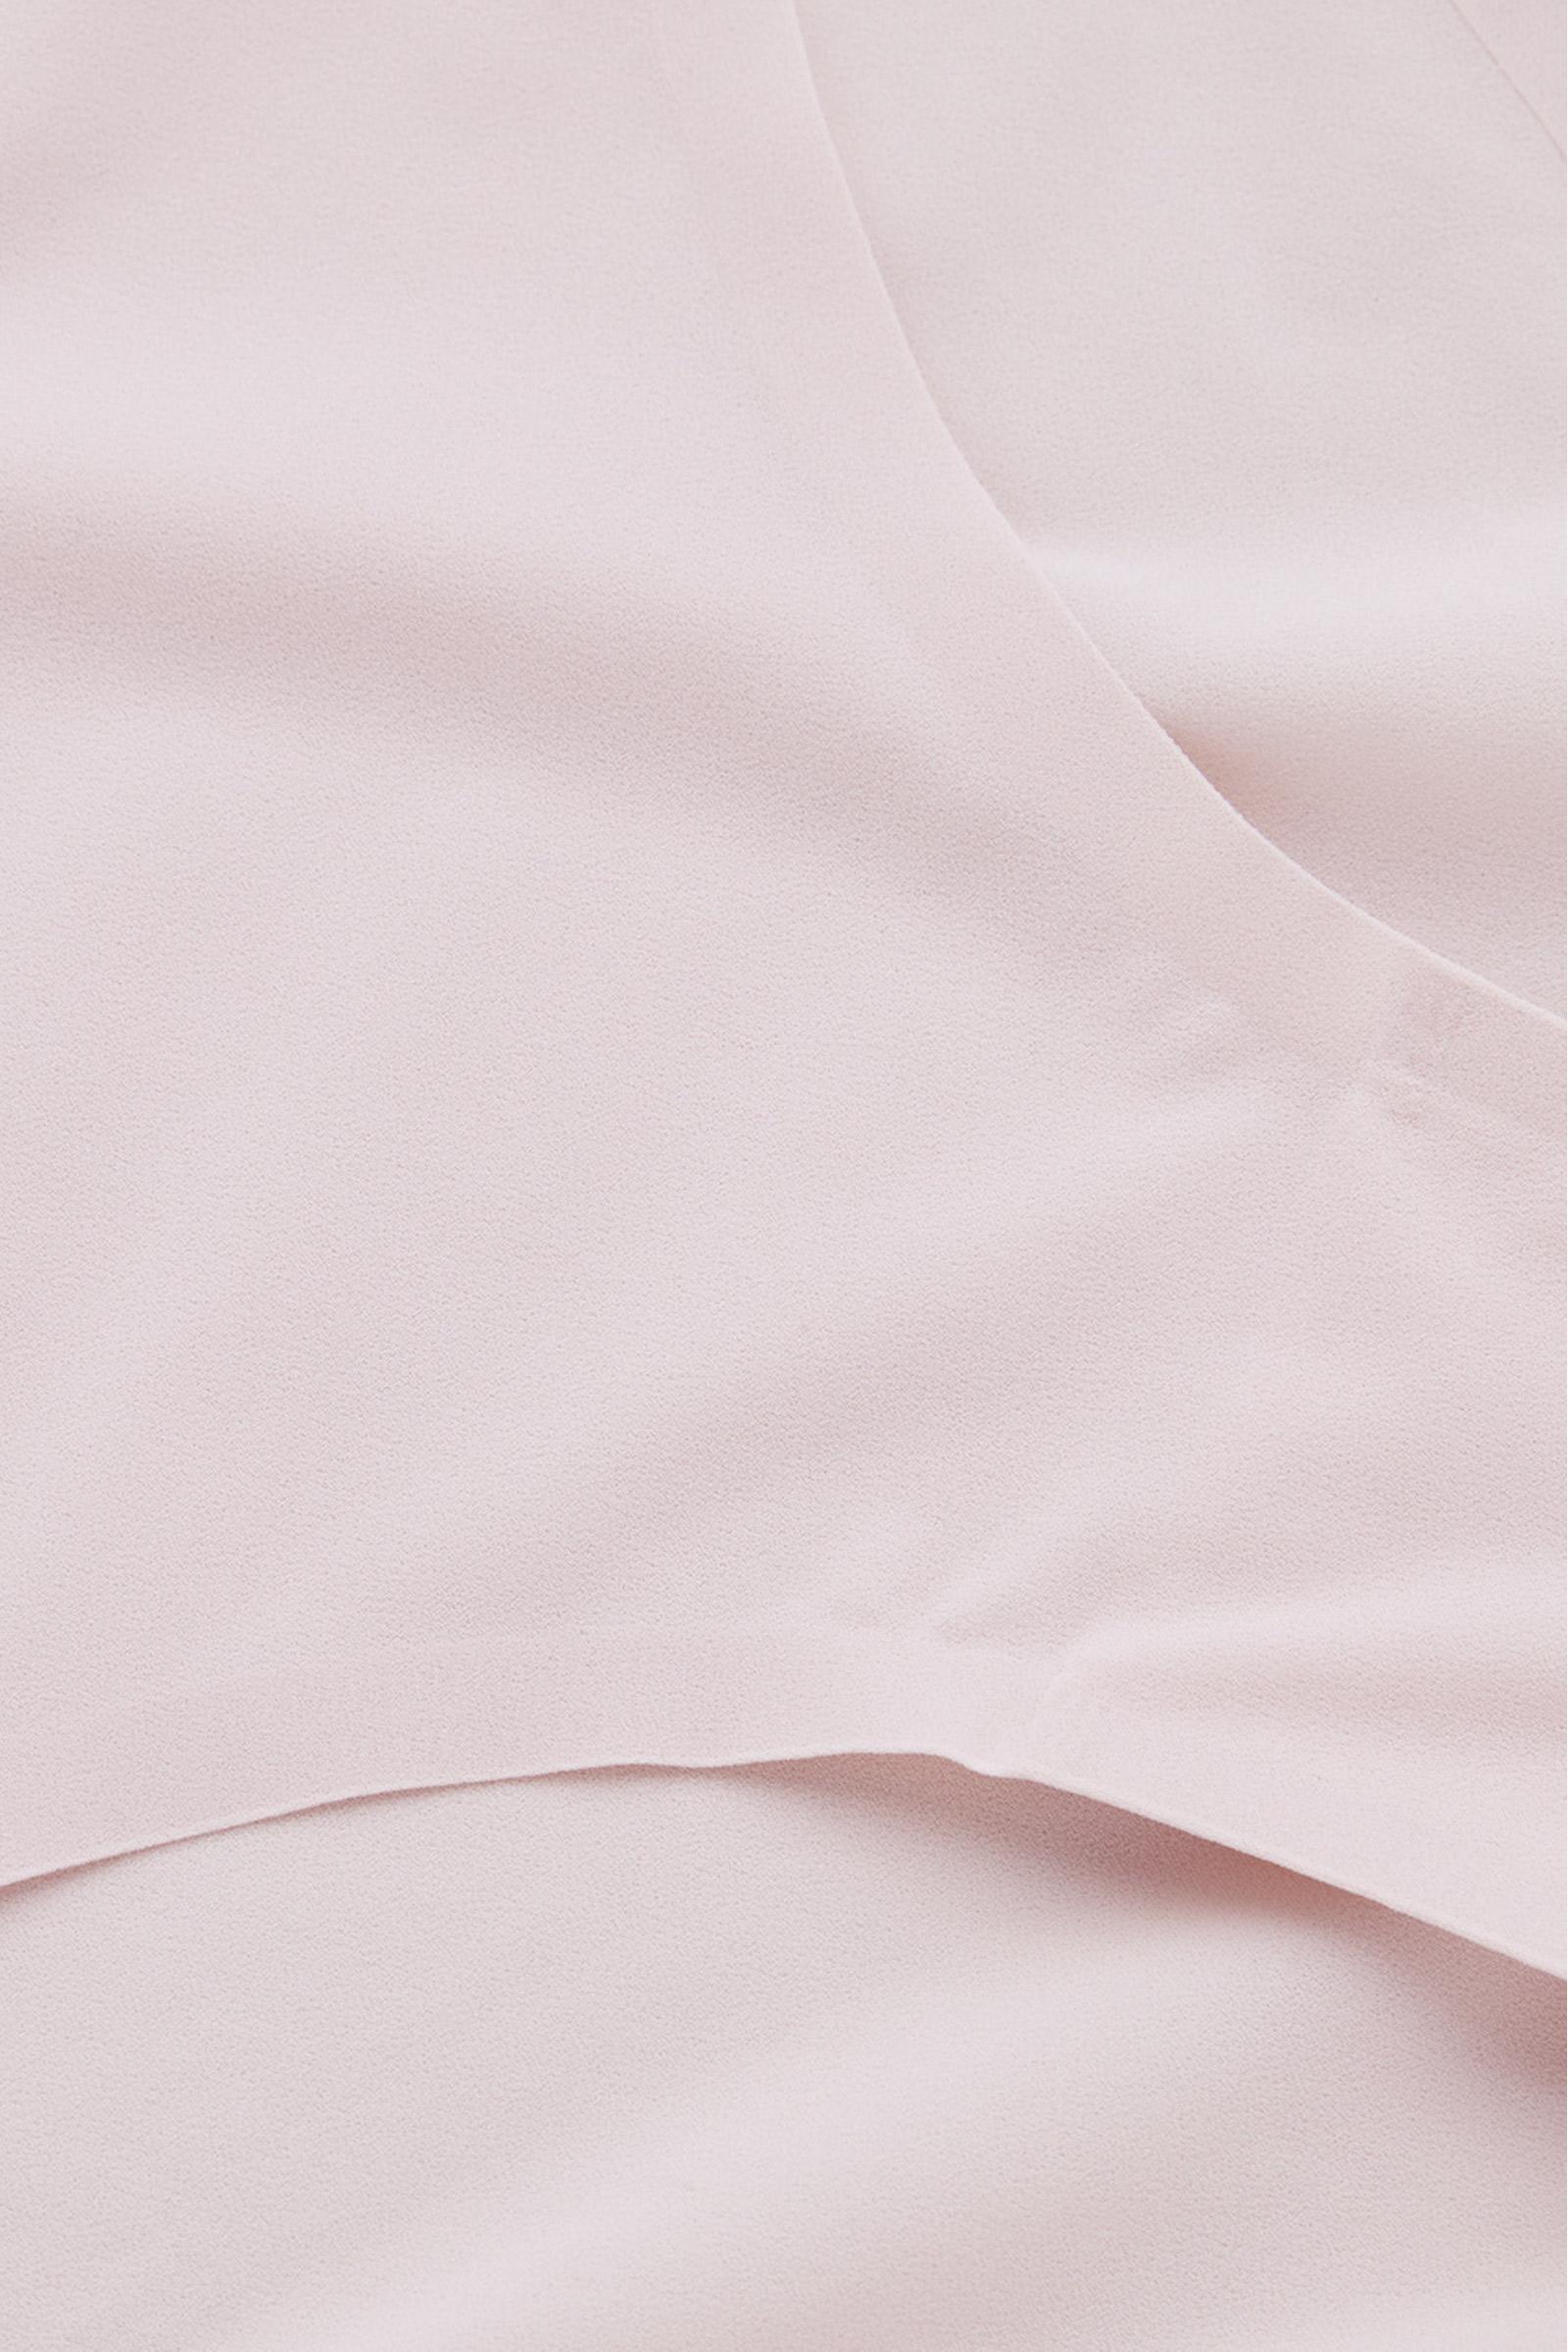 COS 스트레치 니커즈의 핑크컬러 Detail입니다.